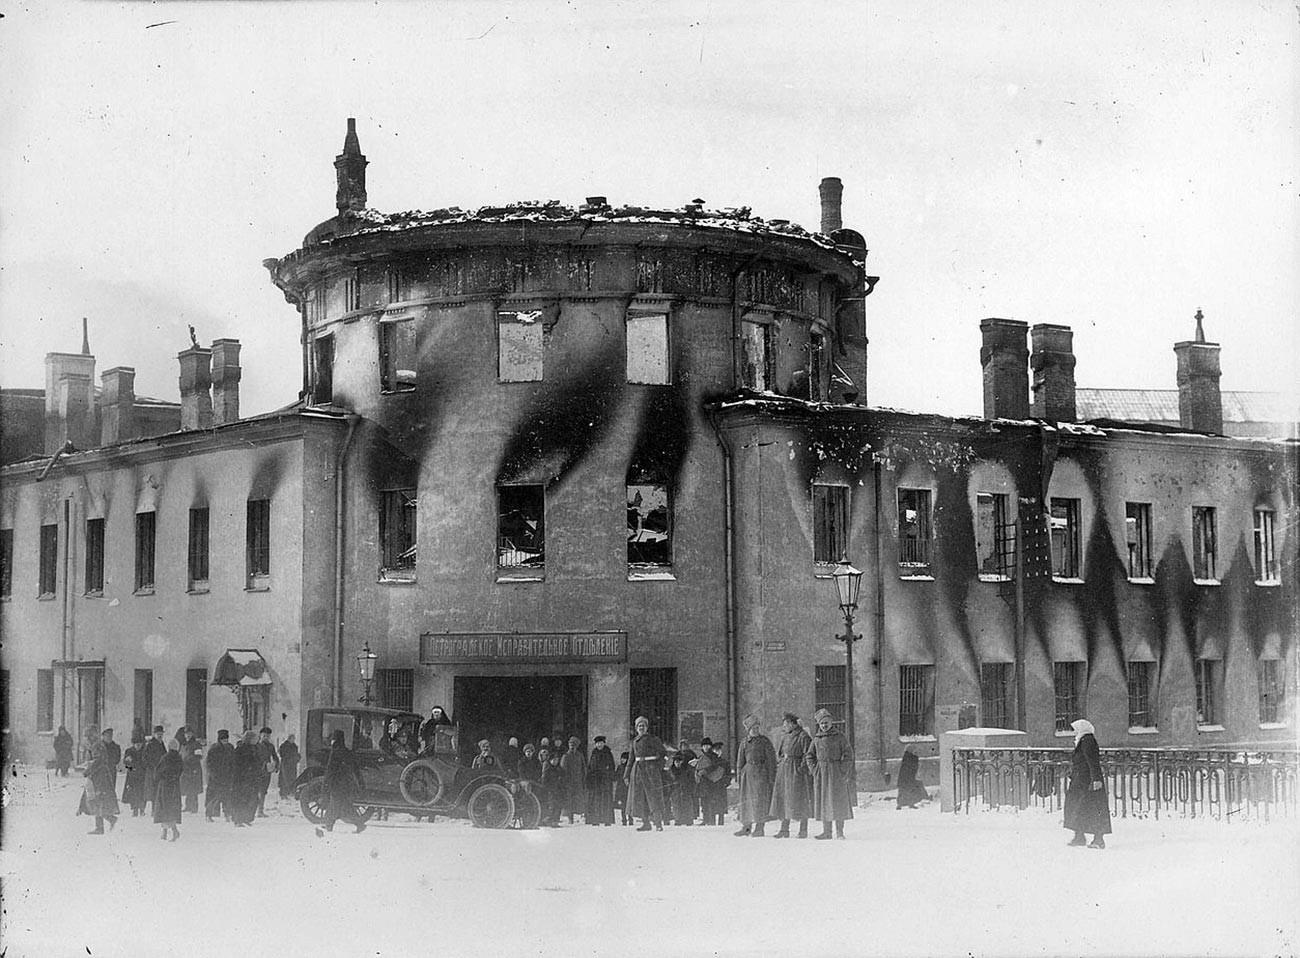 Devant le château de Lituanie incendié, ancienne prison de la ville de Saint-Pétersbourg, après 1917